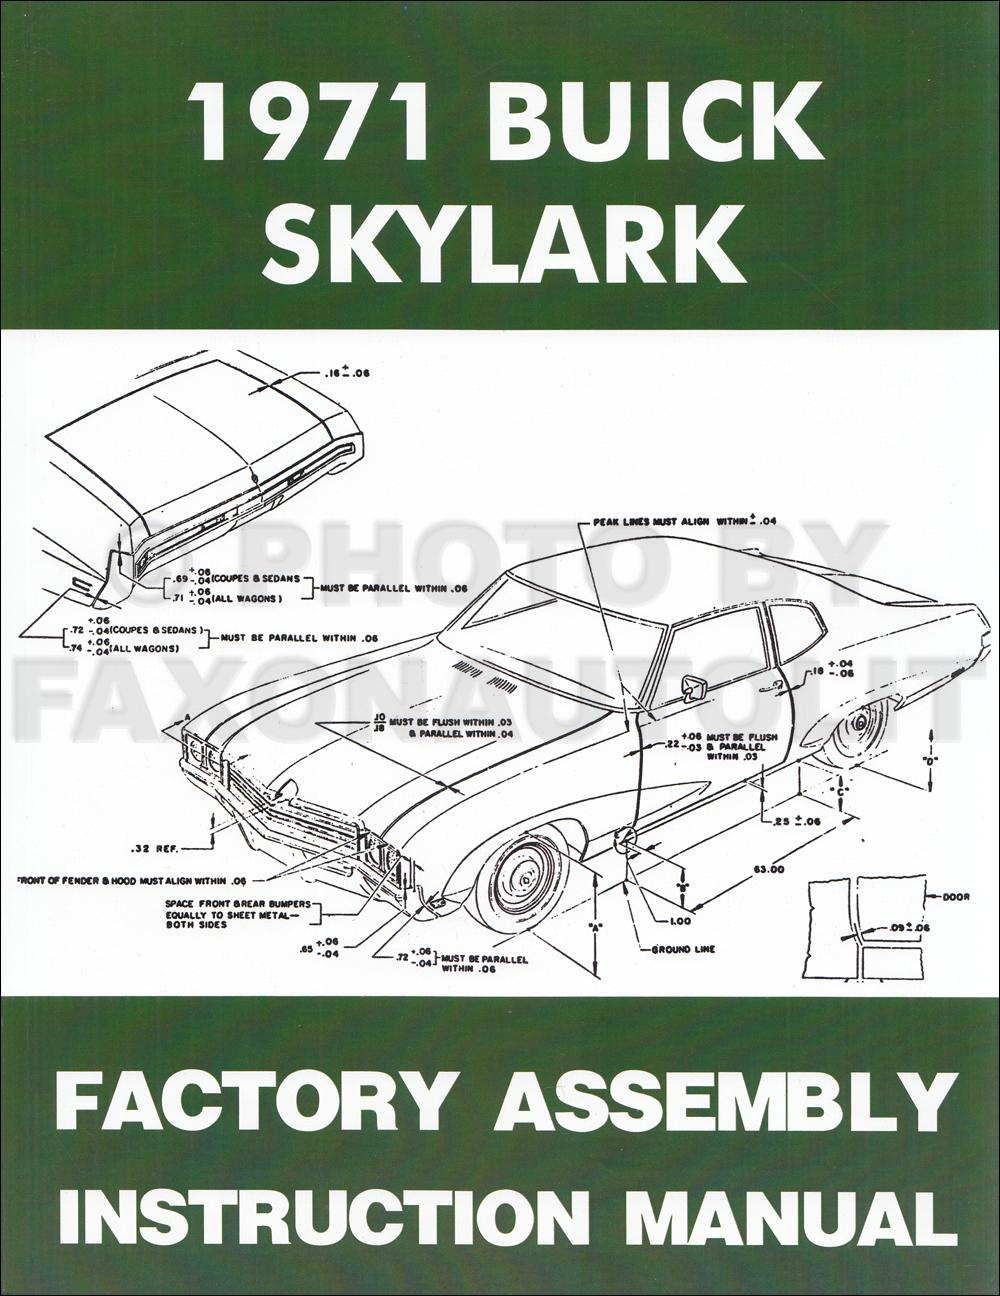 AB_8720 1972 Buick Skylark Fuel Line Diagram Schematic Wiring [ 1296 x 1000 Pixel ]